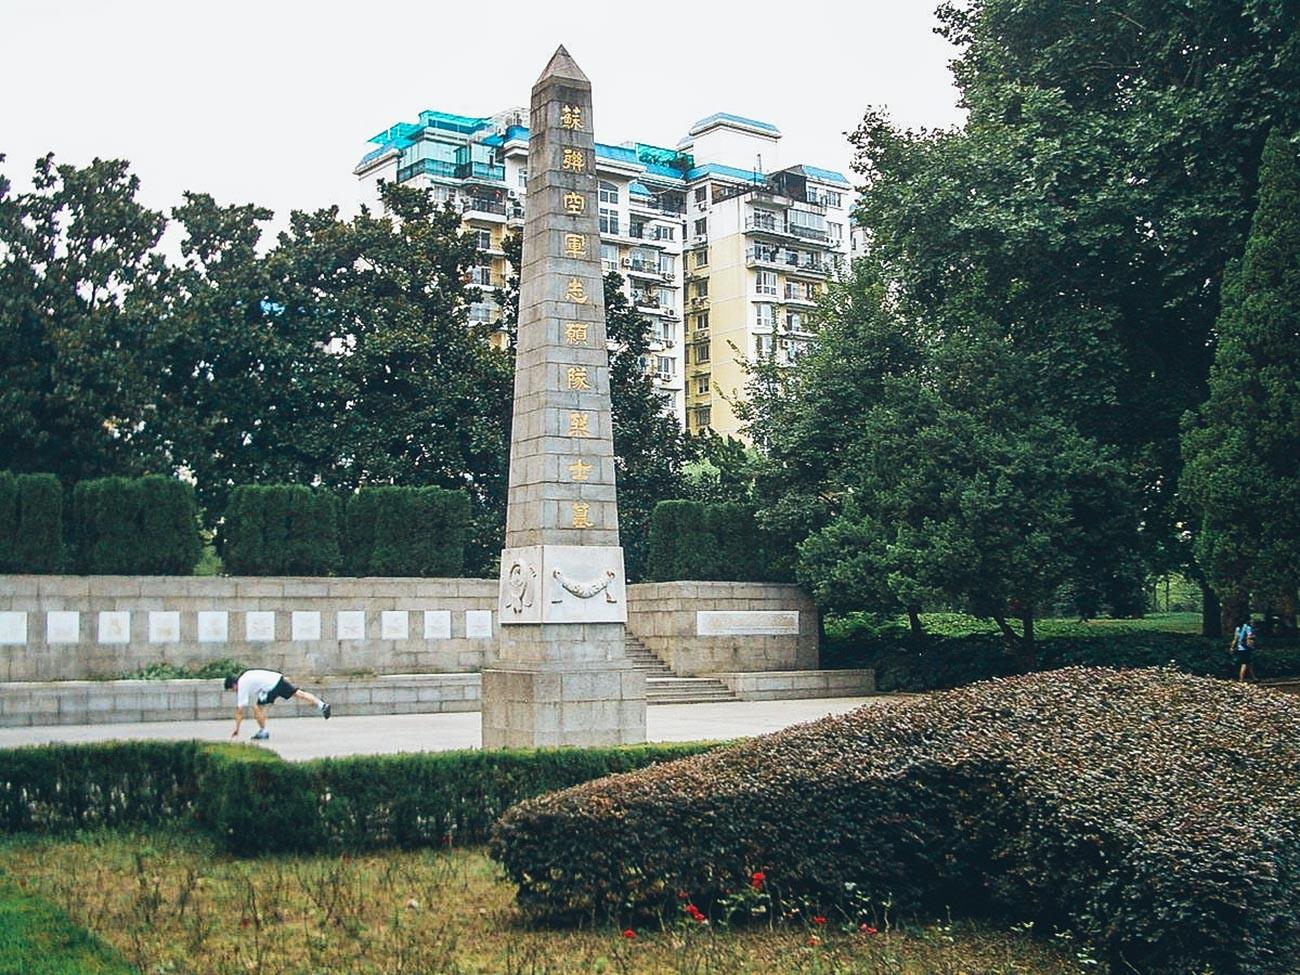 Monumento agli aviatori sovietici morti durante la lotta contro gli invasori giapponesi nel 1938; Parco Jiefang, Hankou, Wuhan